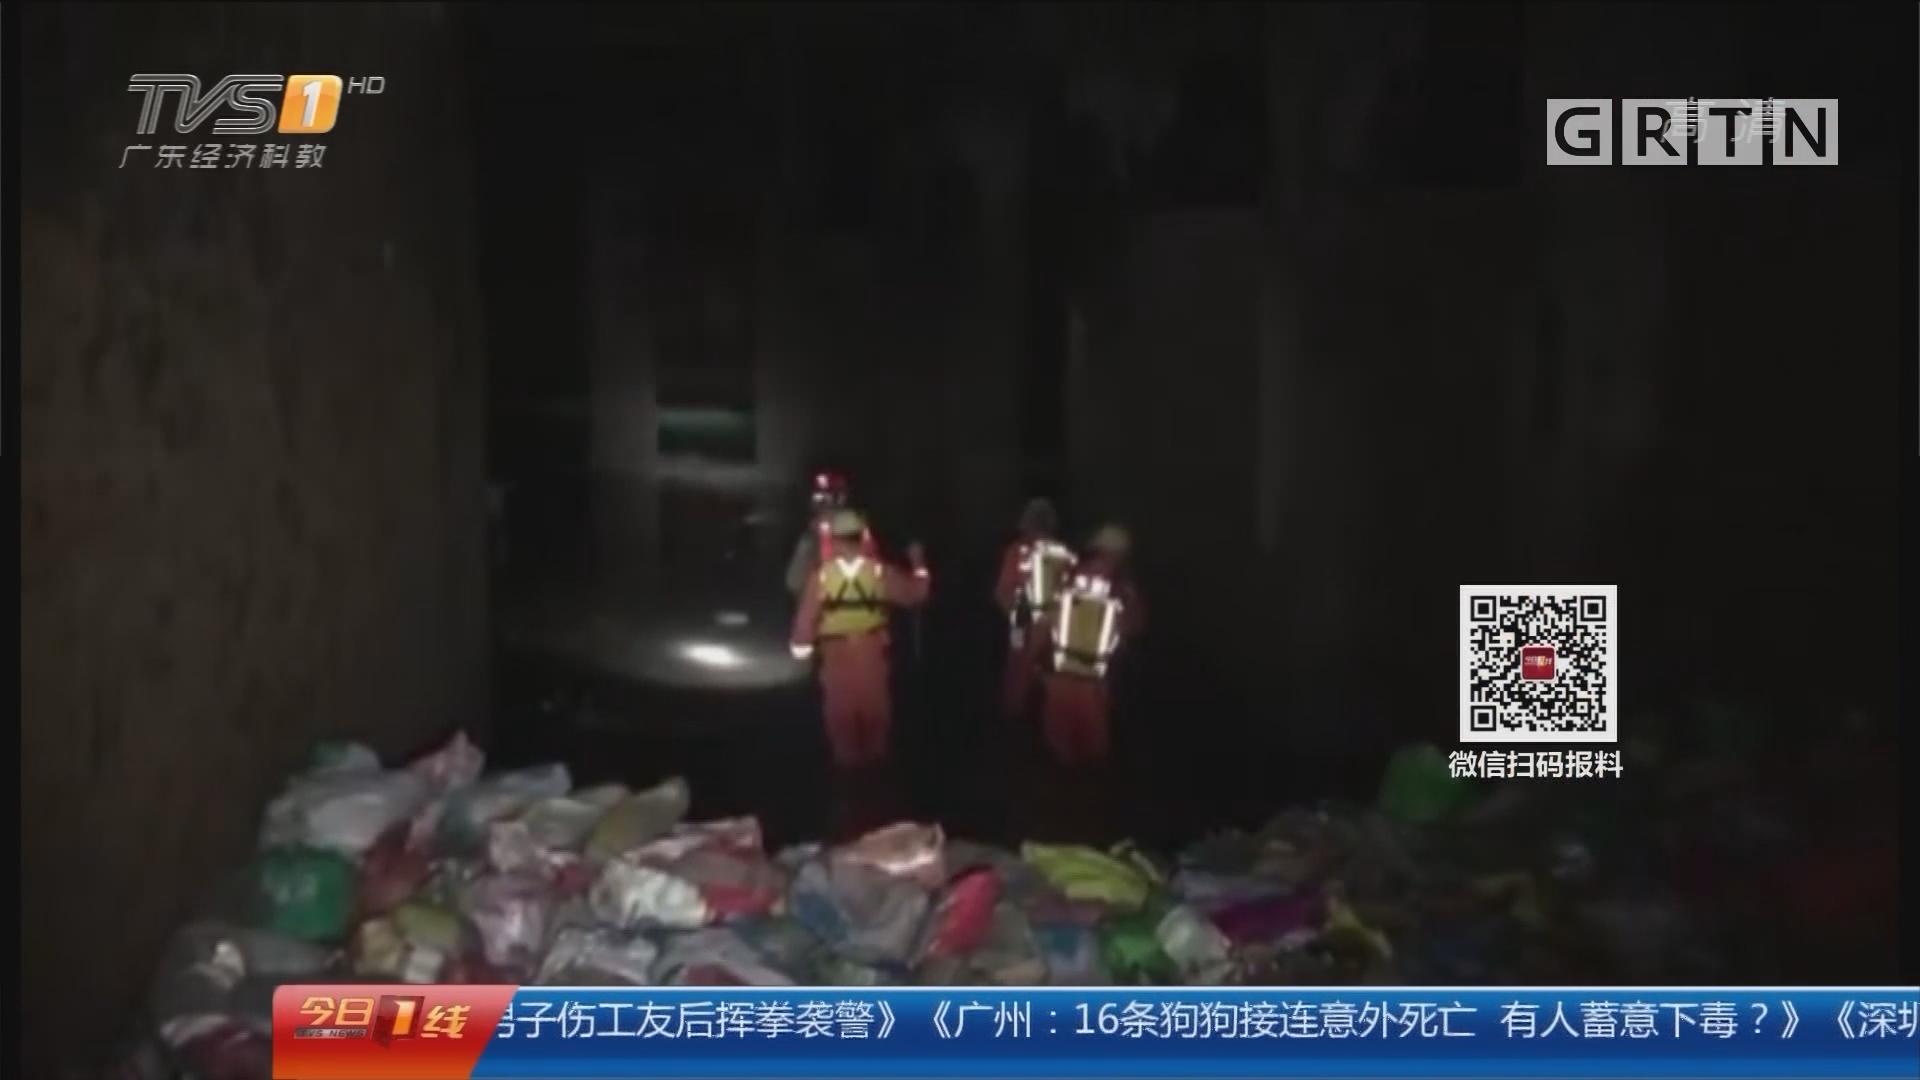 深圳罗湖西湖宾馆段:7人施工被冲走 消防挽手搜救进行时